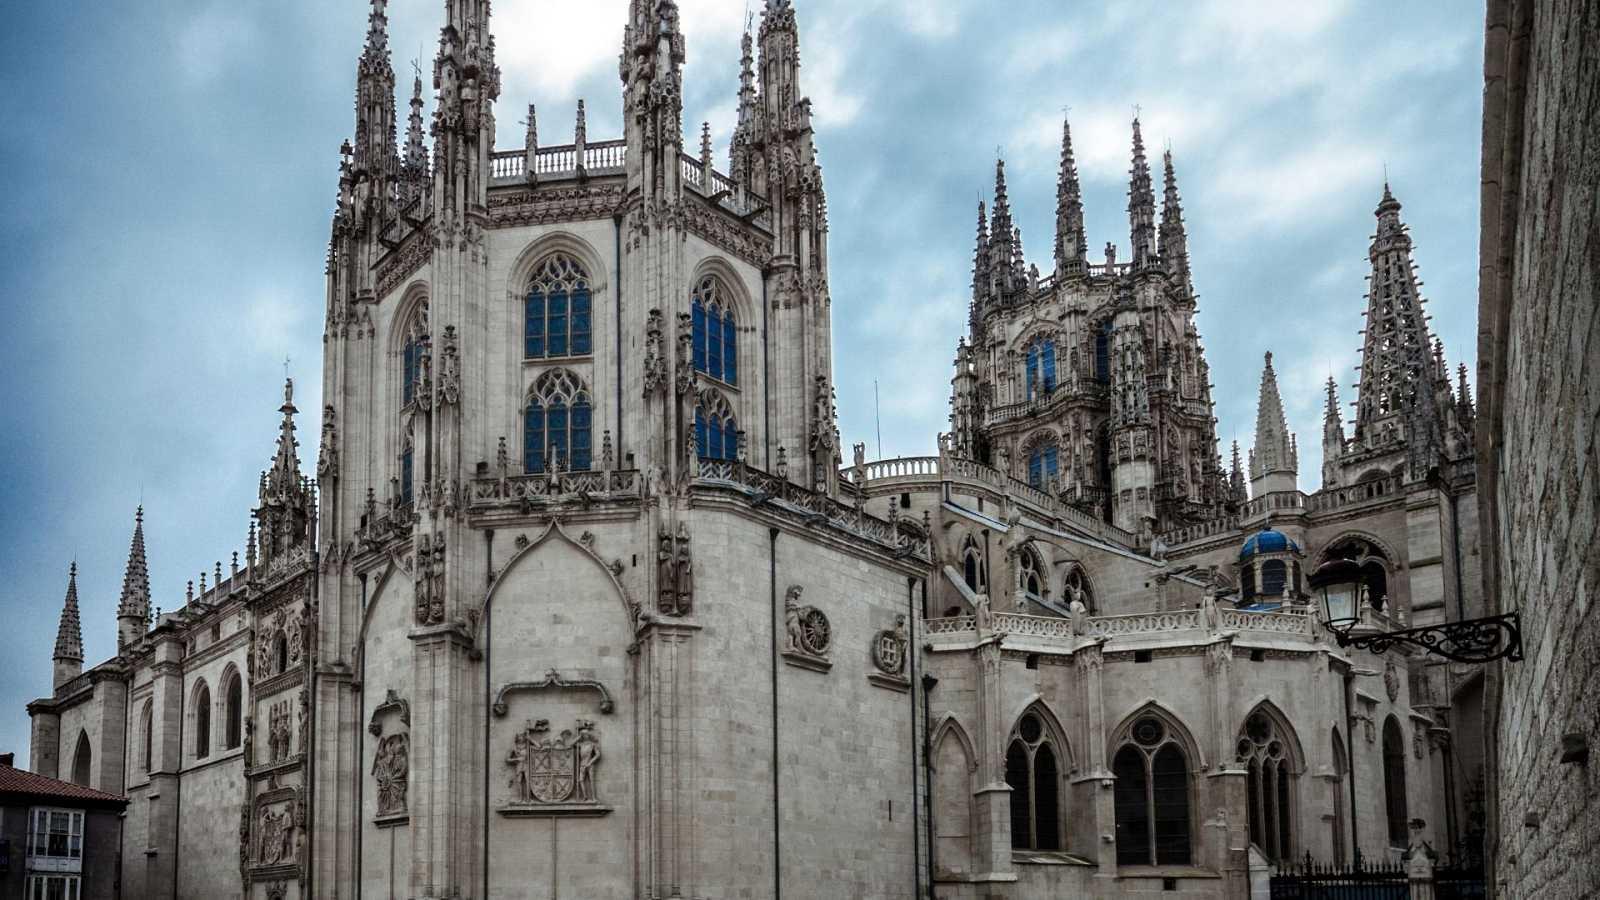 En clave Turismo - Celebramos los 800 años de la catedral de Burgos - 17/03/21 - escuchar ahora